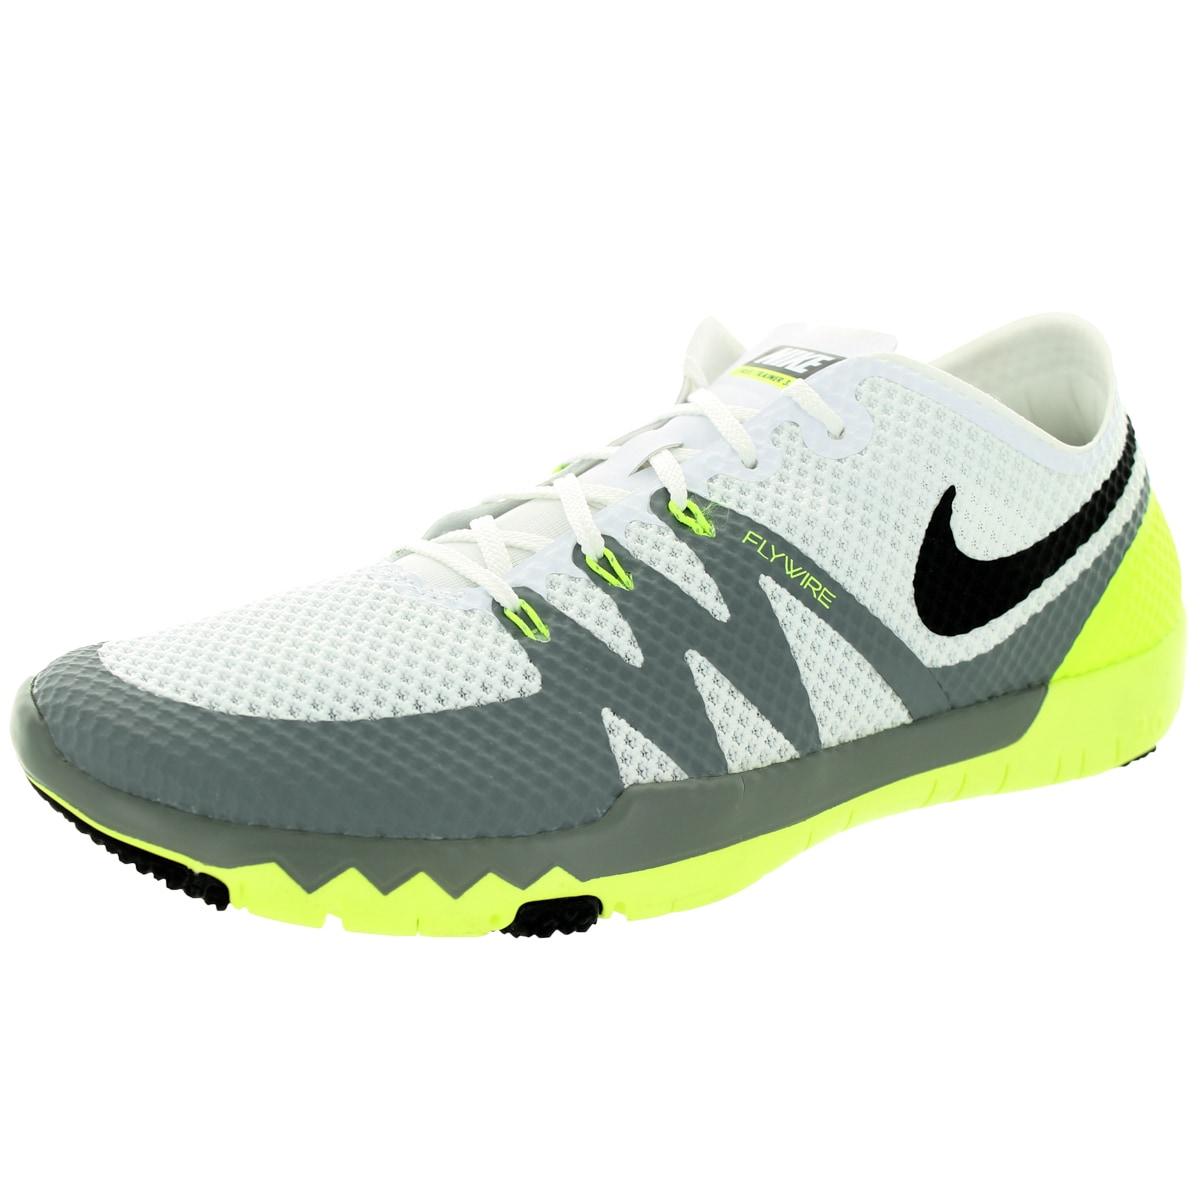 Nike Trainer 3.0 V3 - Mens - White/Cool Grey/Black